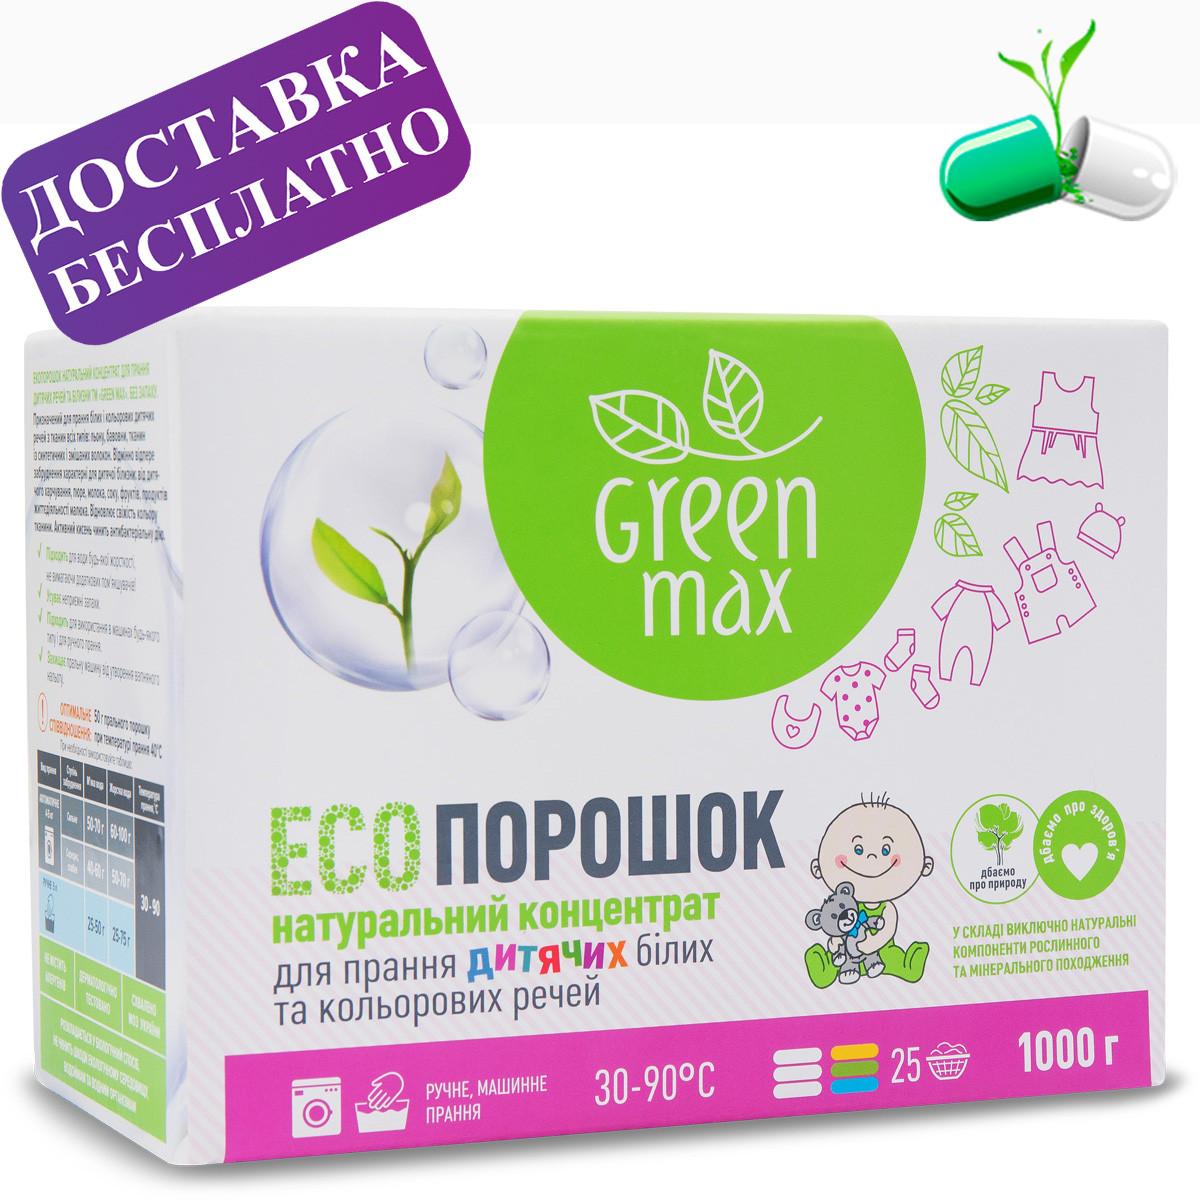 Экопорошок натуральный концентрат для стирки ДЕТСКИХ белых и цветных вещей GREEN MAX 1000г.